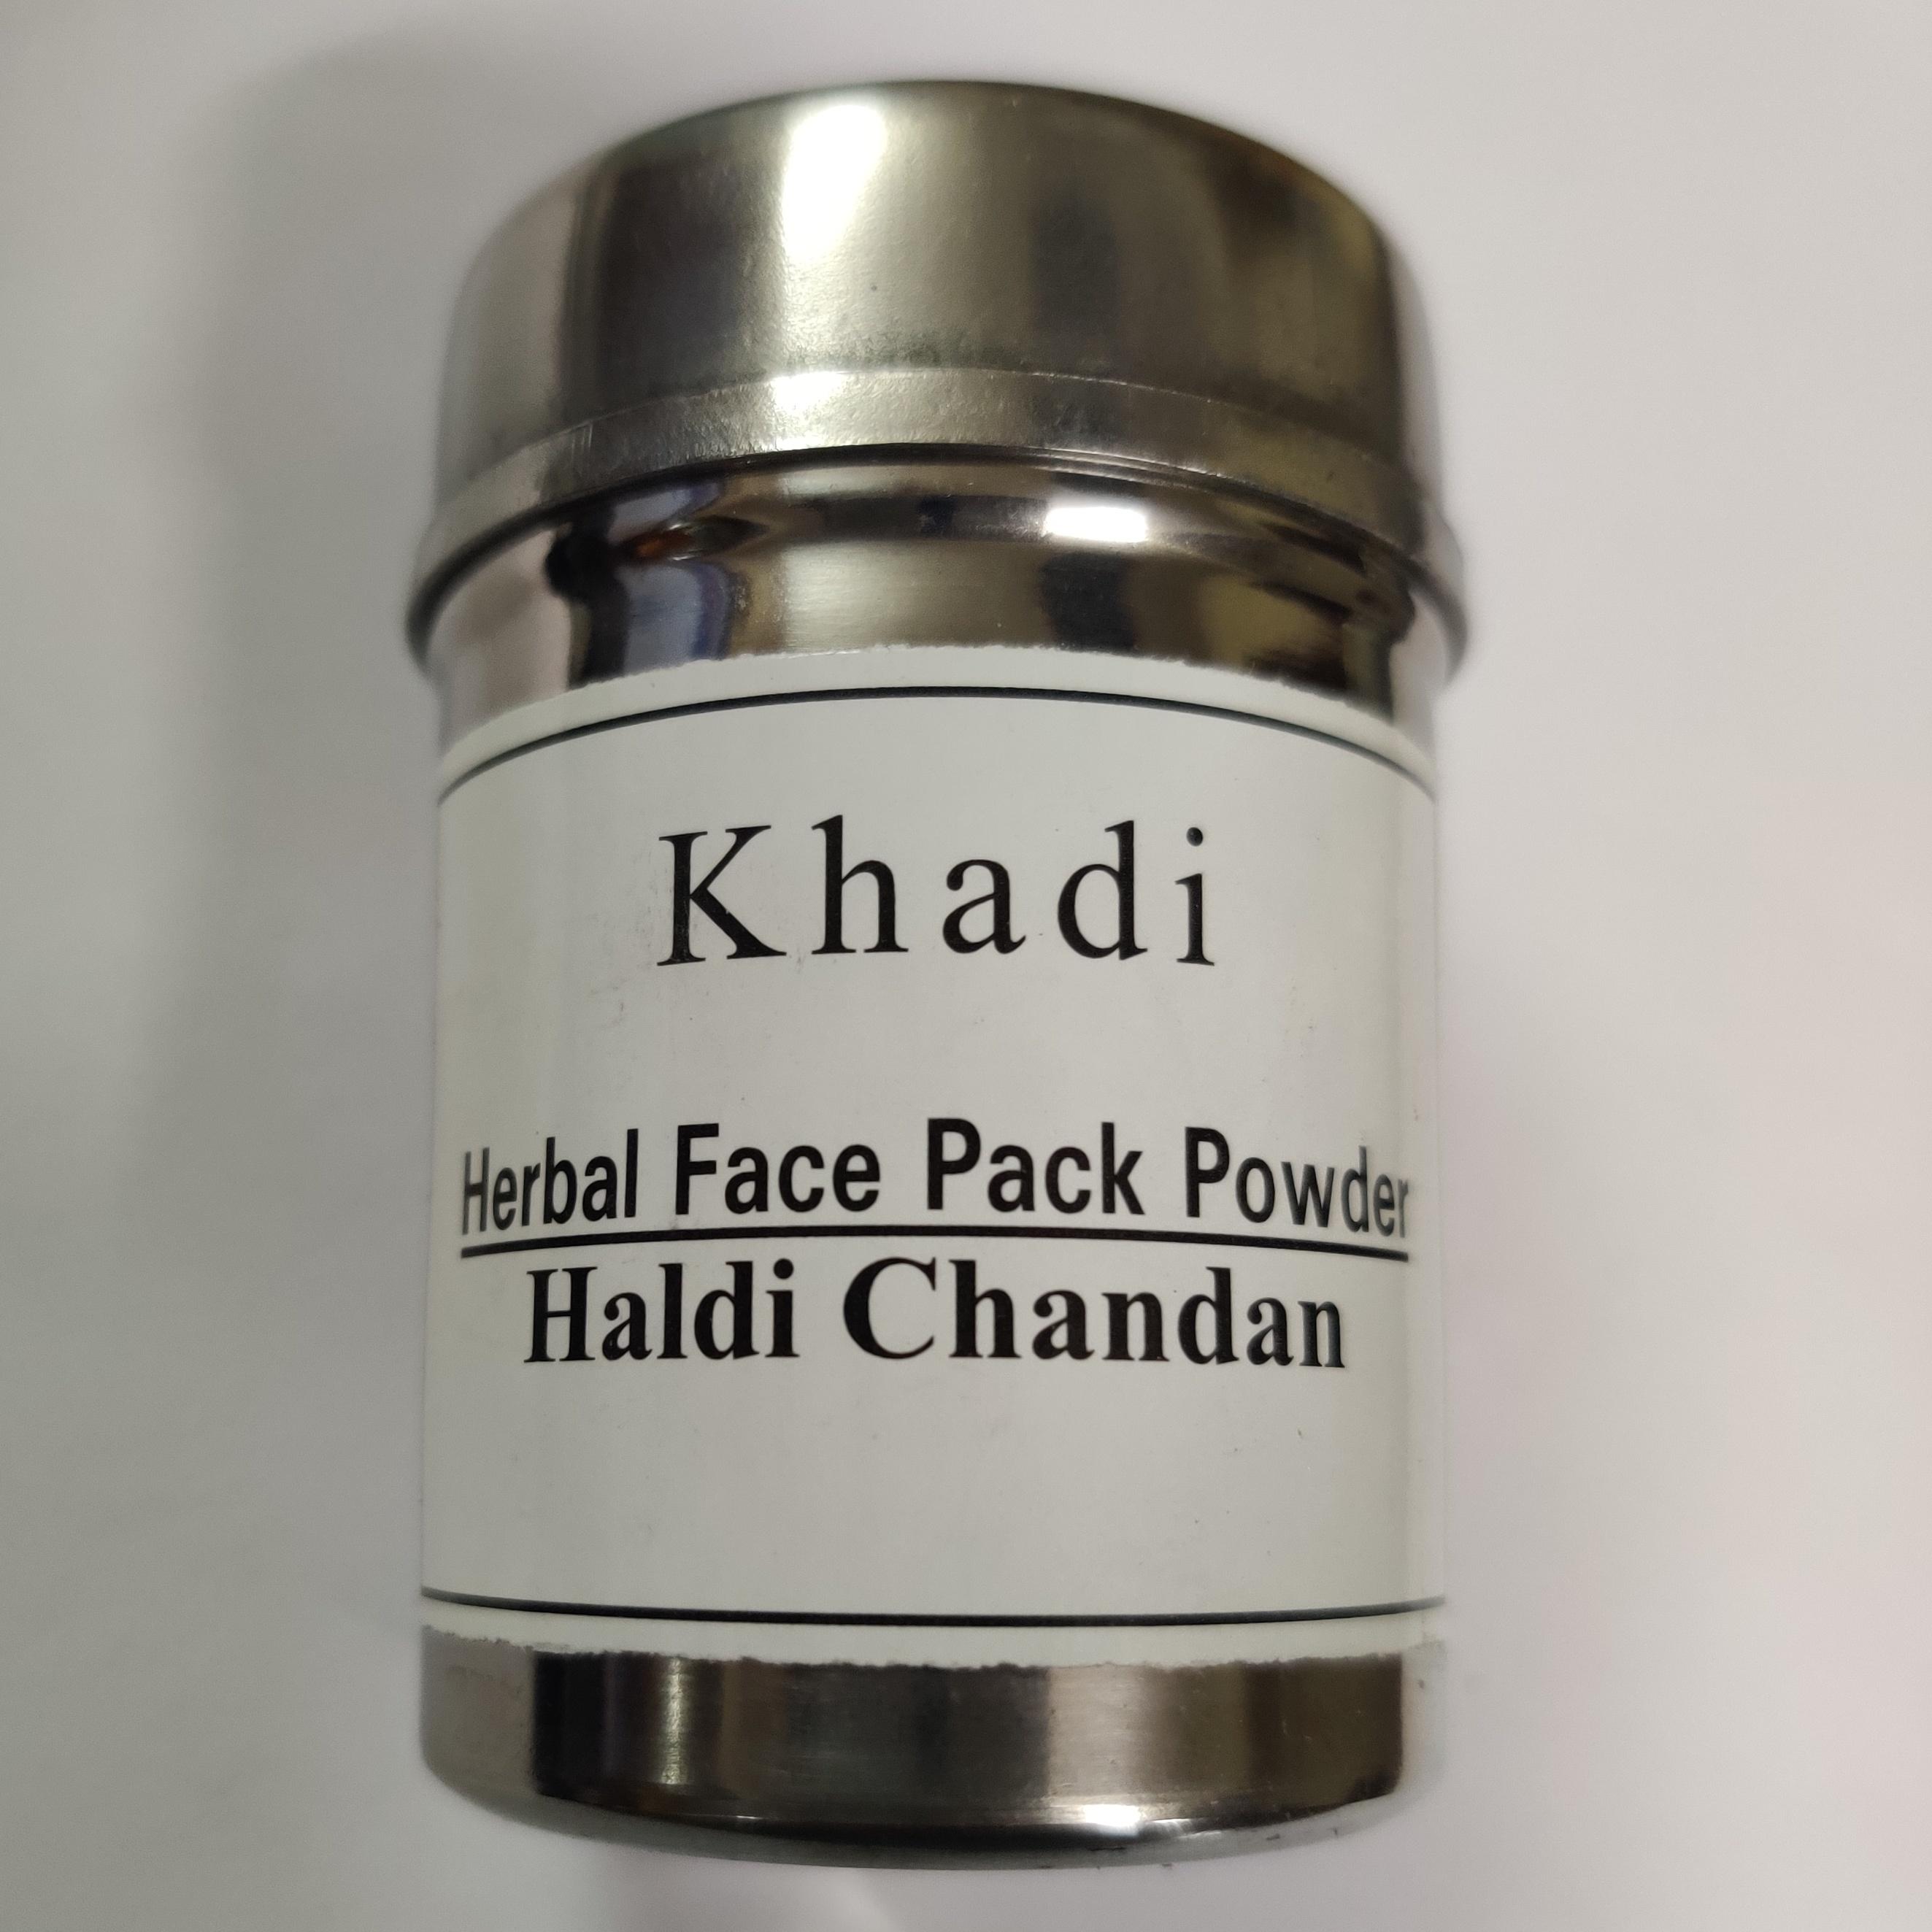 Khadi haldi chandan facepack